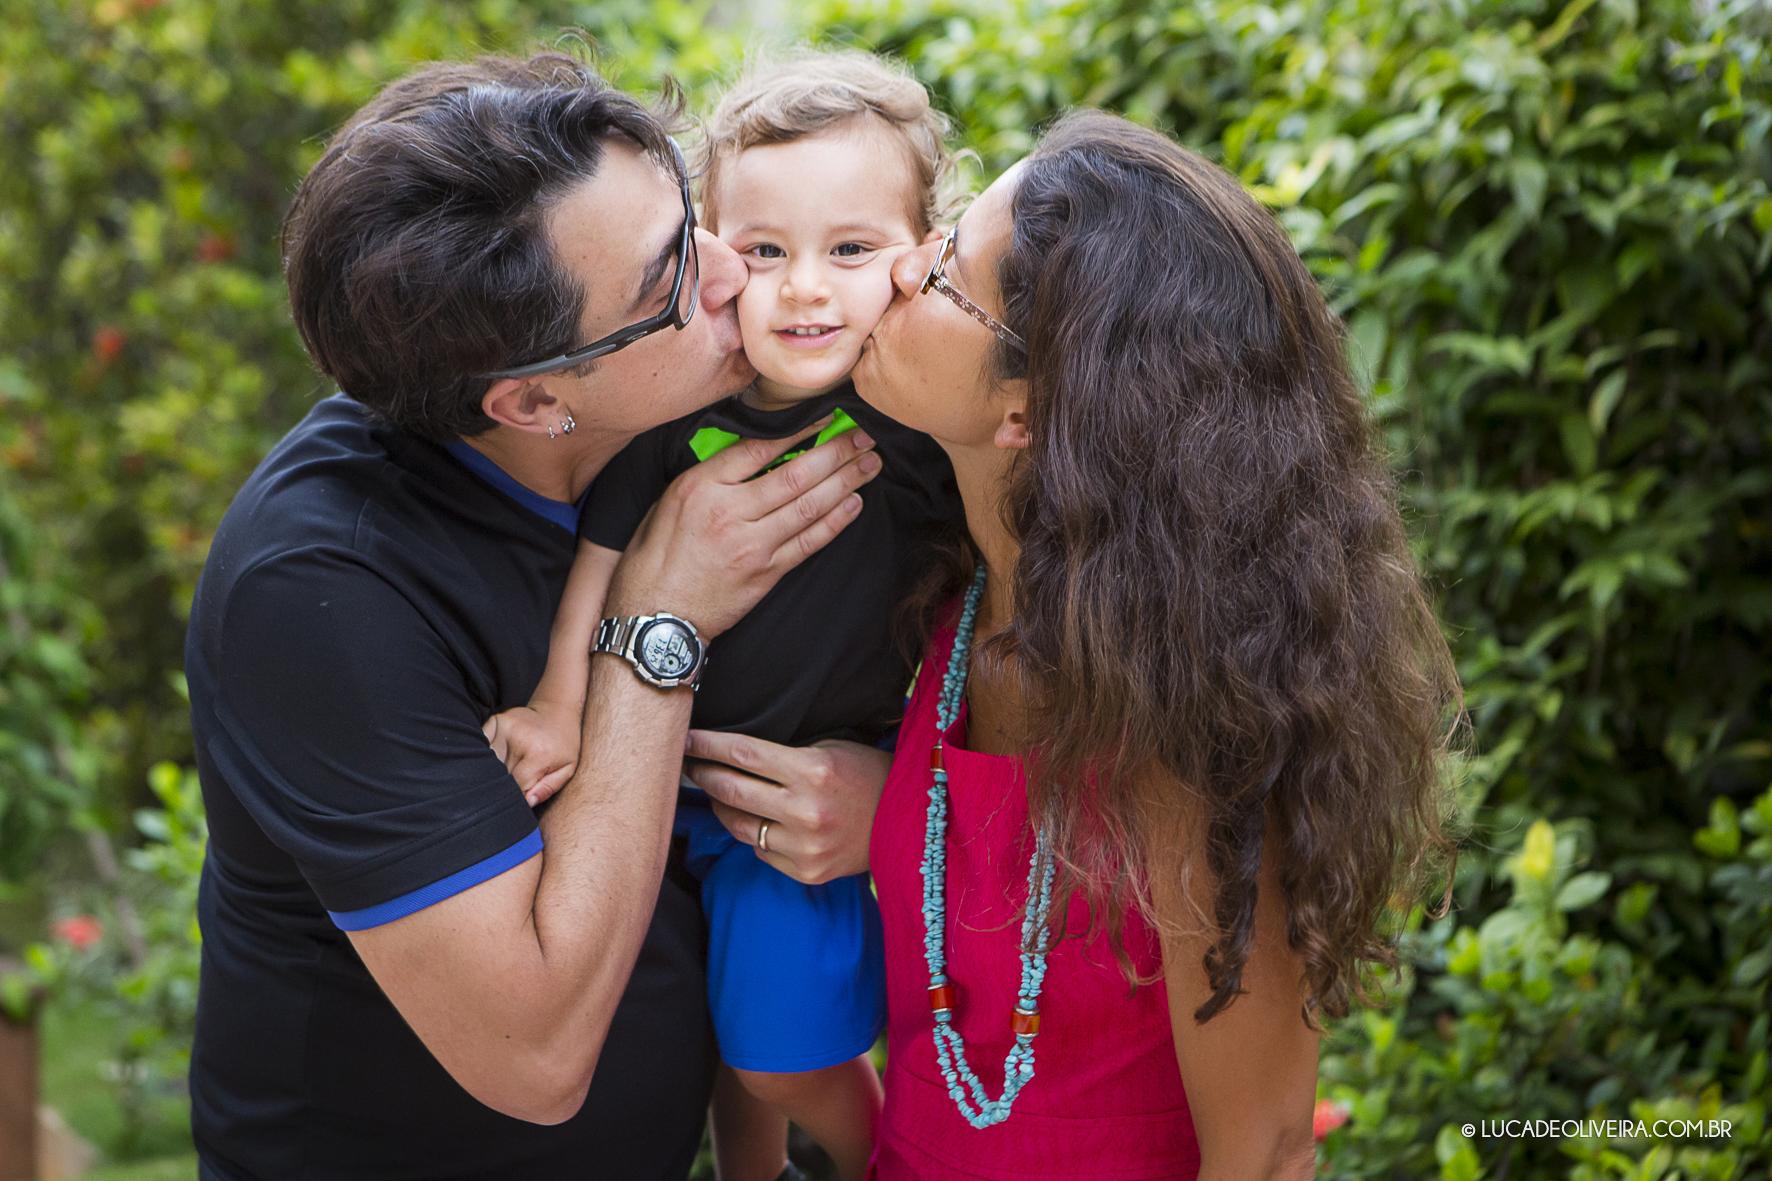 fernanda e beto, fotografia em família, confraternização de família